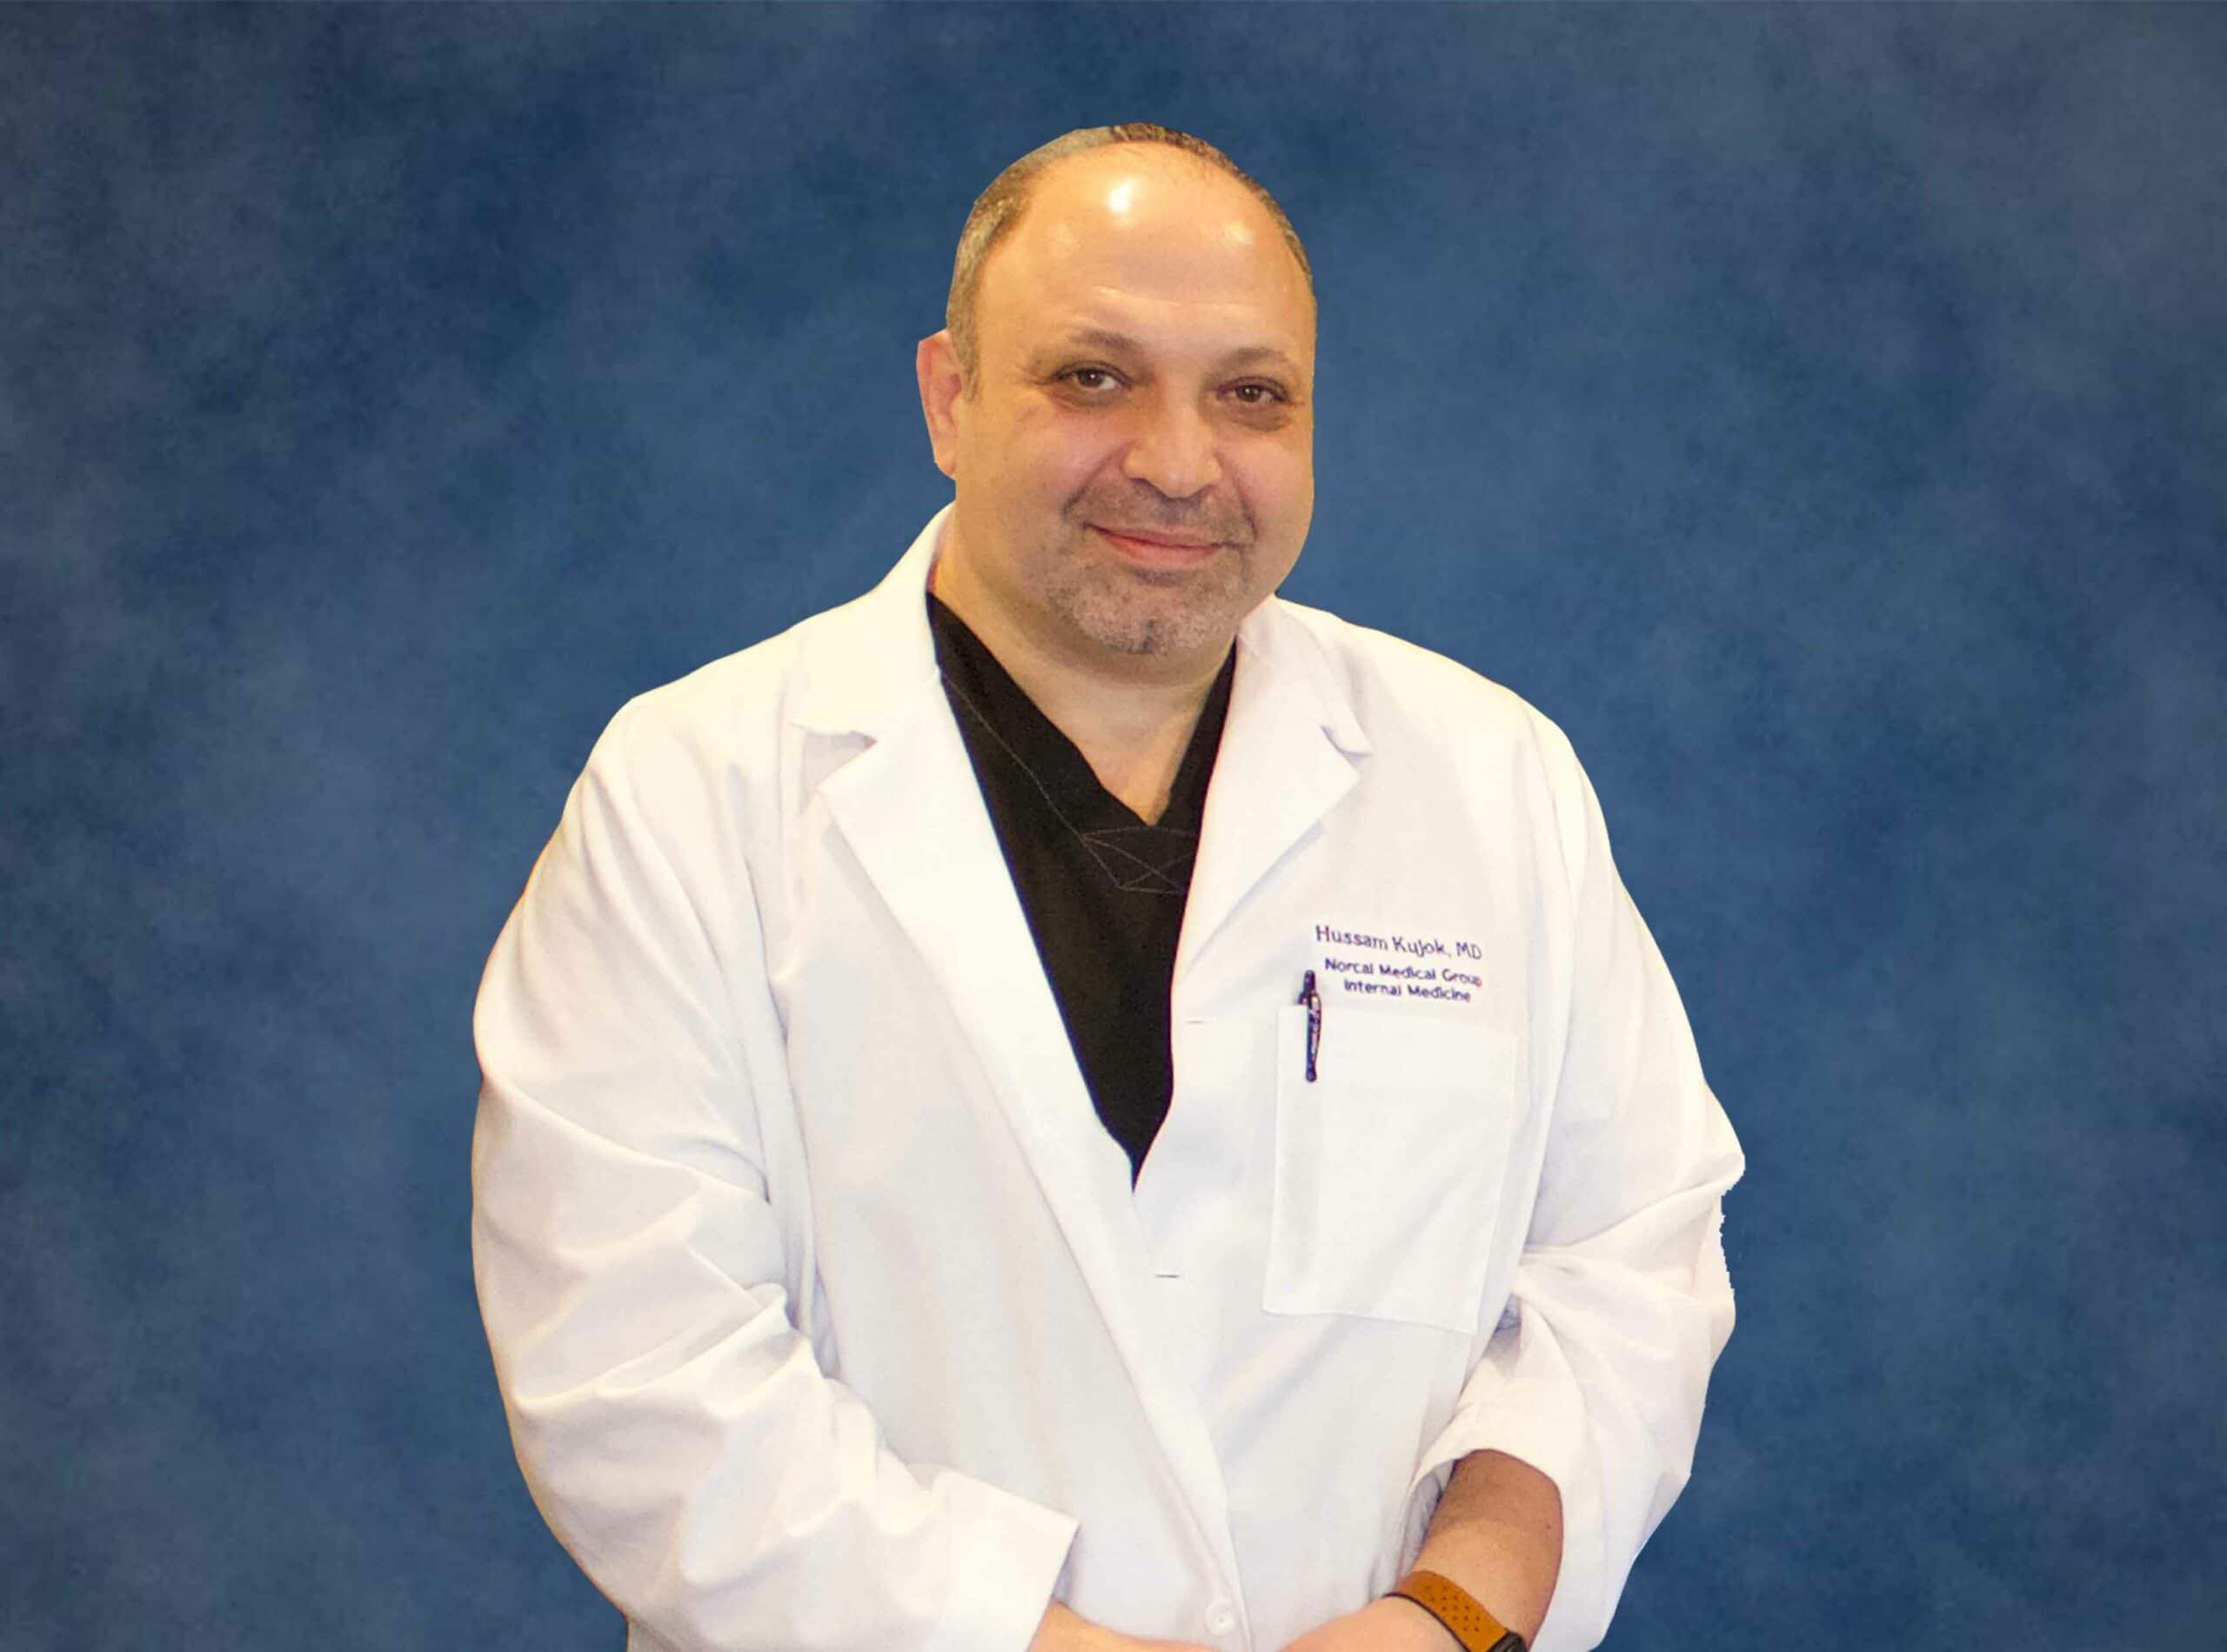 Dr Hussam Kujok